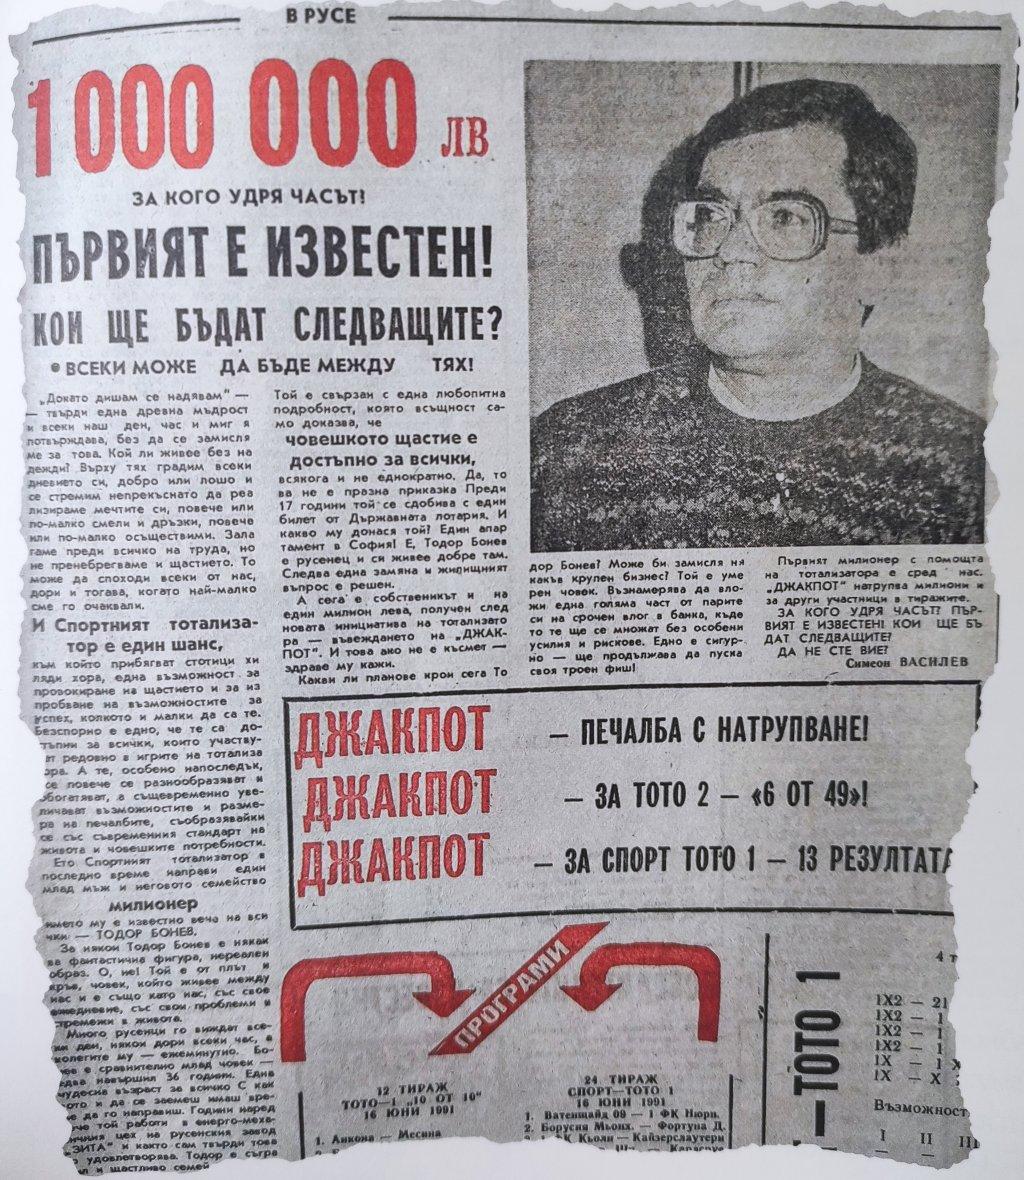 Първата шестица, първият тото милионер и едни непотърсени 6.5 млн. лв.